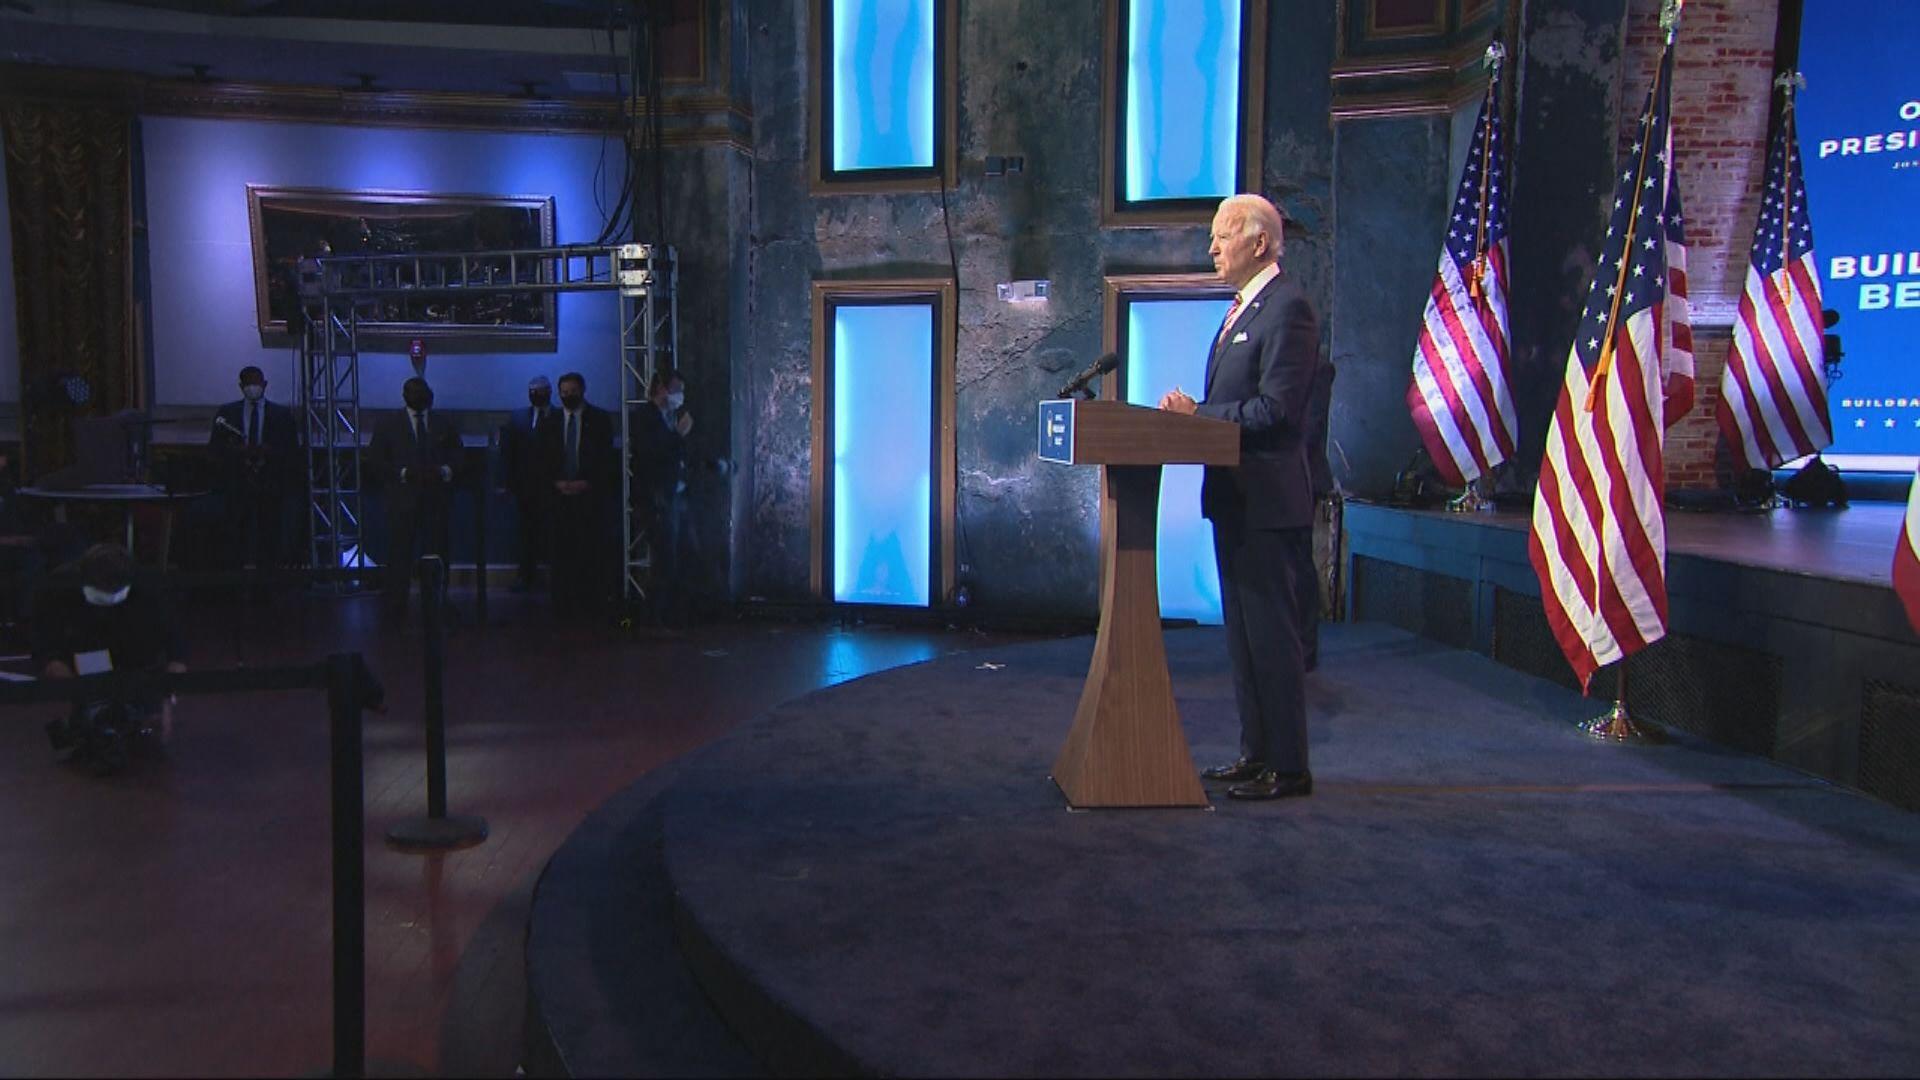 拜登籲特朗普盡快交接政權 特朗普重申自己贏得選舉